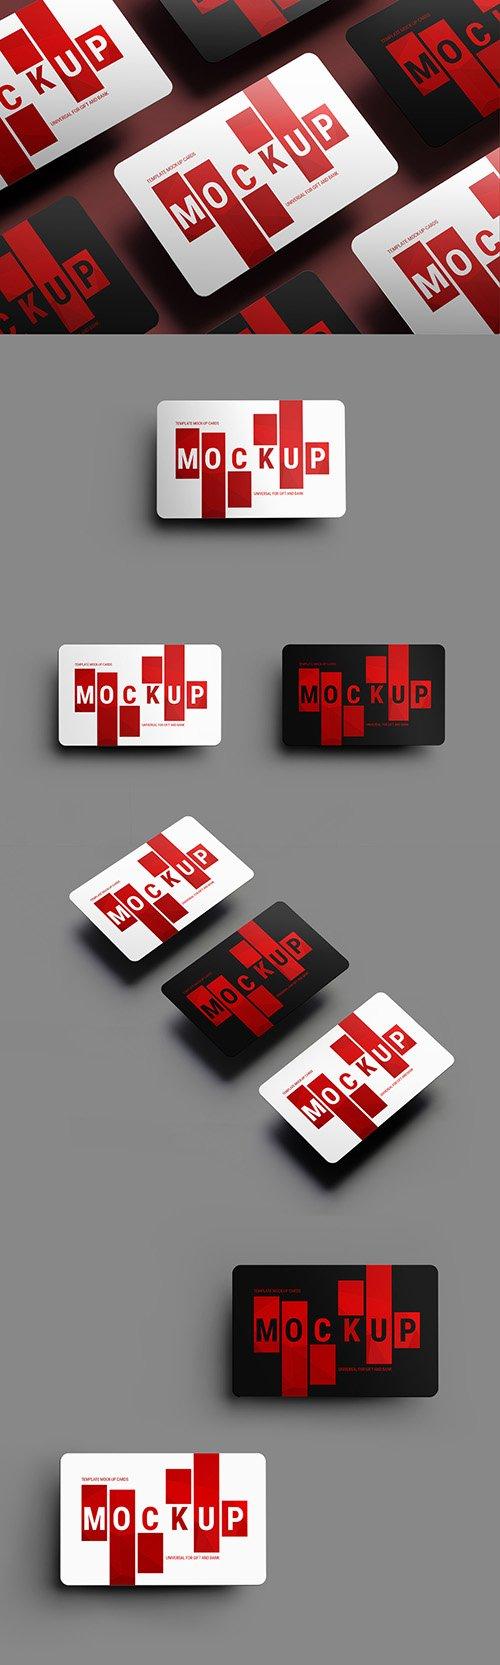 5 Gift/Bank Card Mockup Layouts 199022290 PSDT